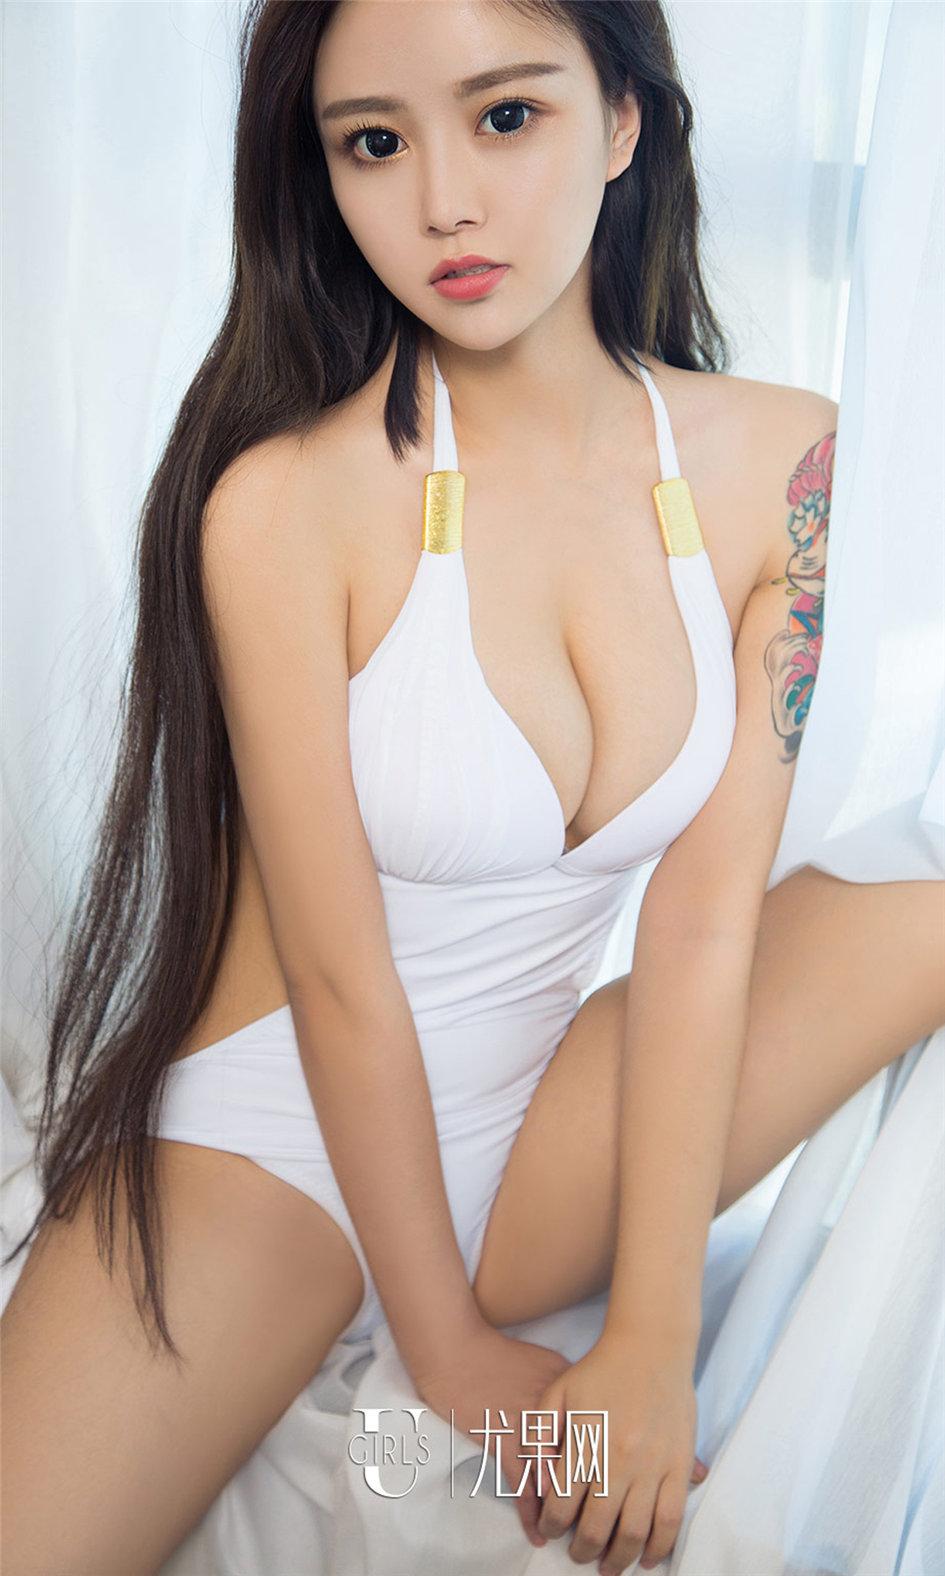 [ugirls尤果网] 极品美乳纹身美女李焮苒最新高清图片